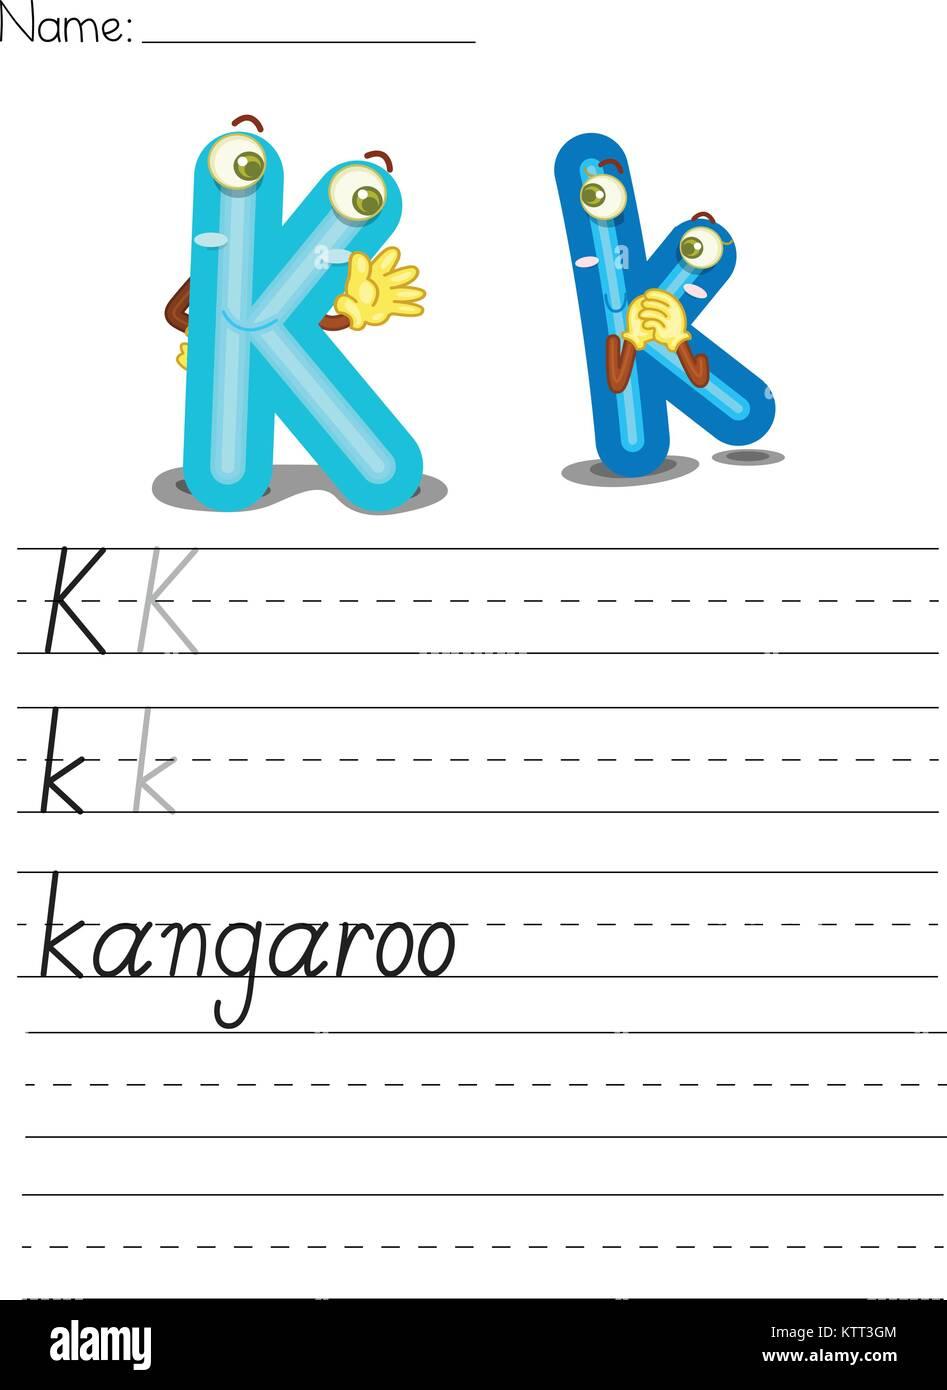 K Is For Kangaroo Stockfotos & K Is For Kangaroo Bilder - Alamy